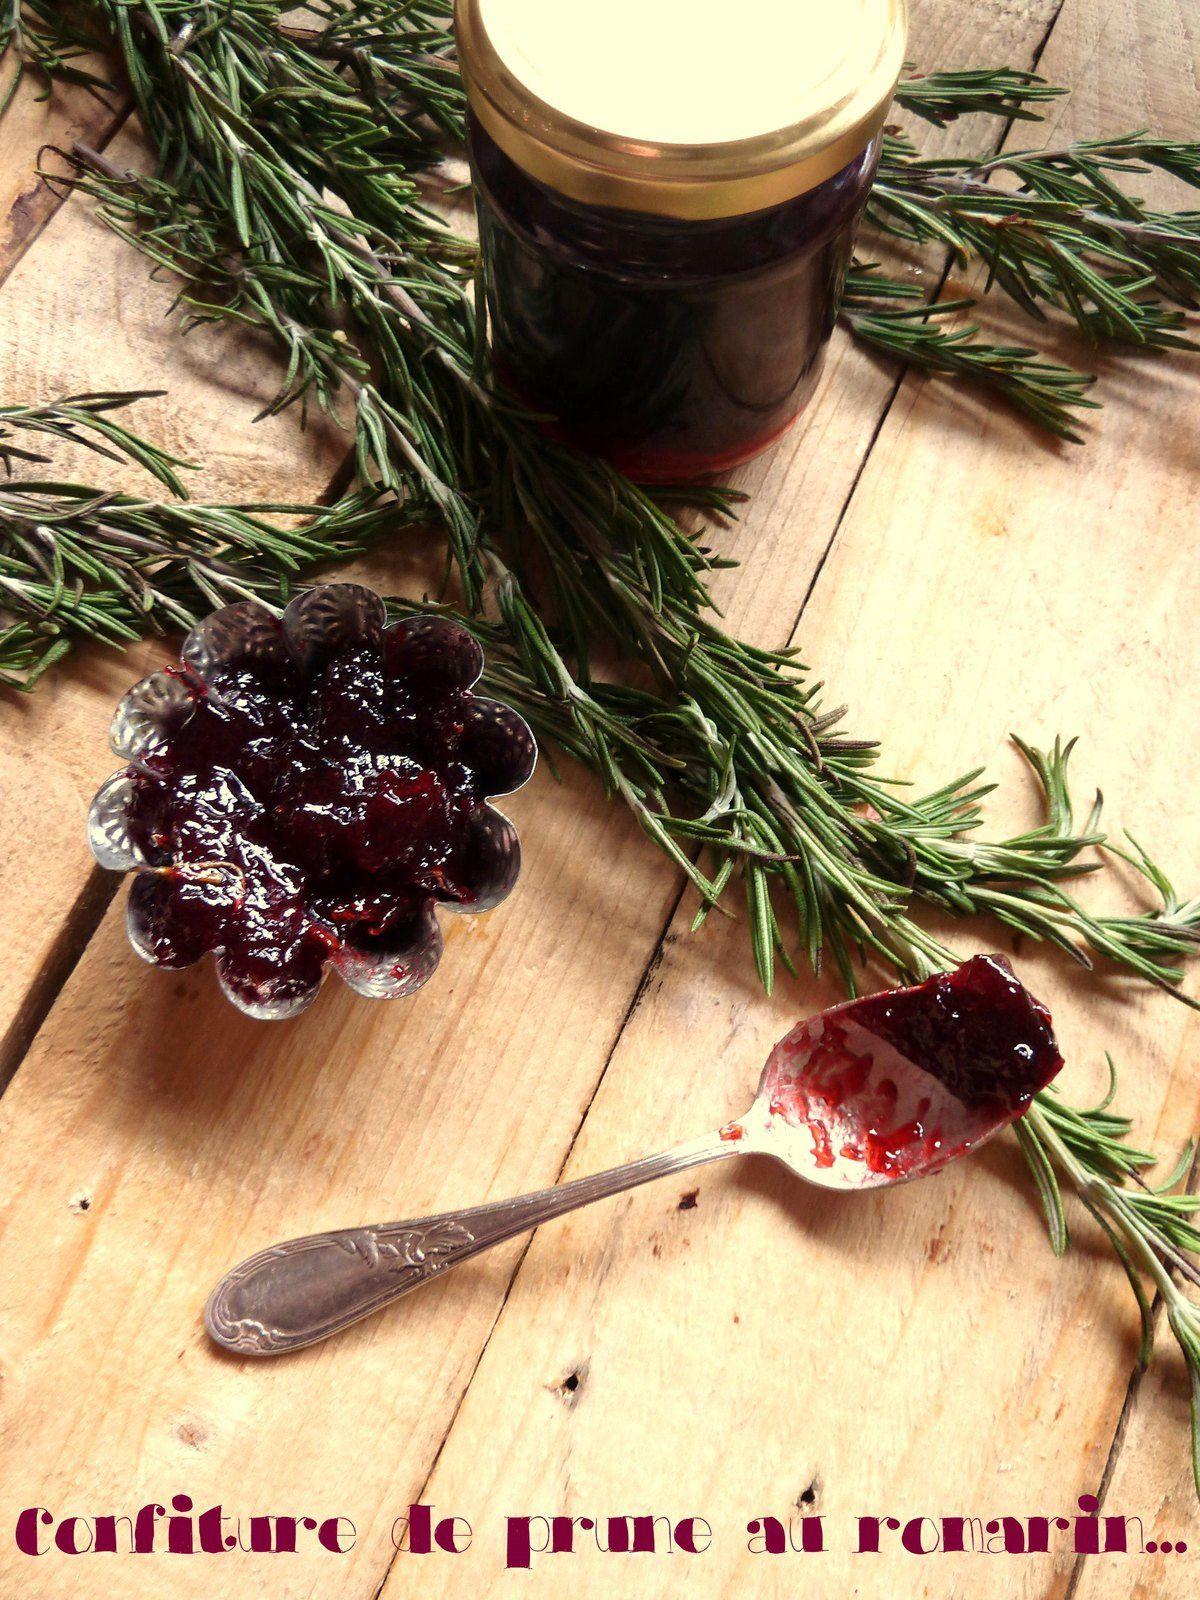 Confiture de prune au romarin